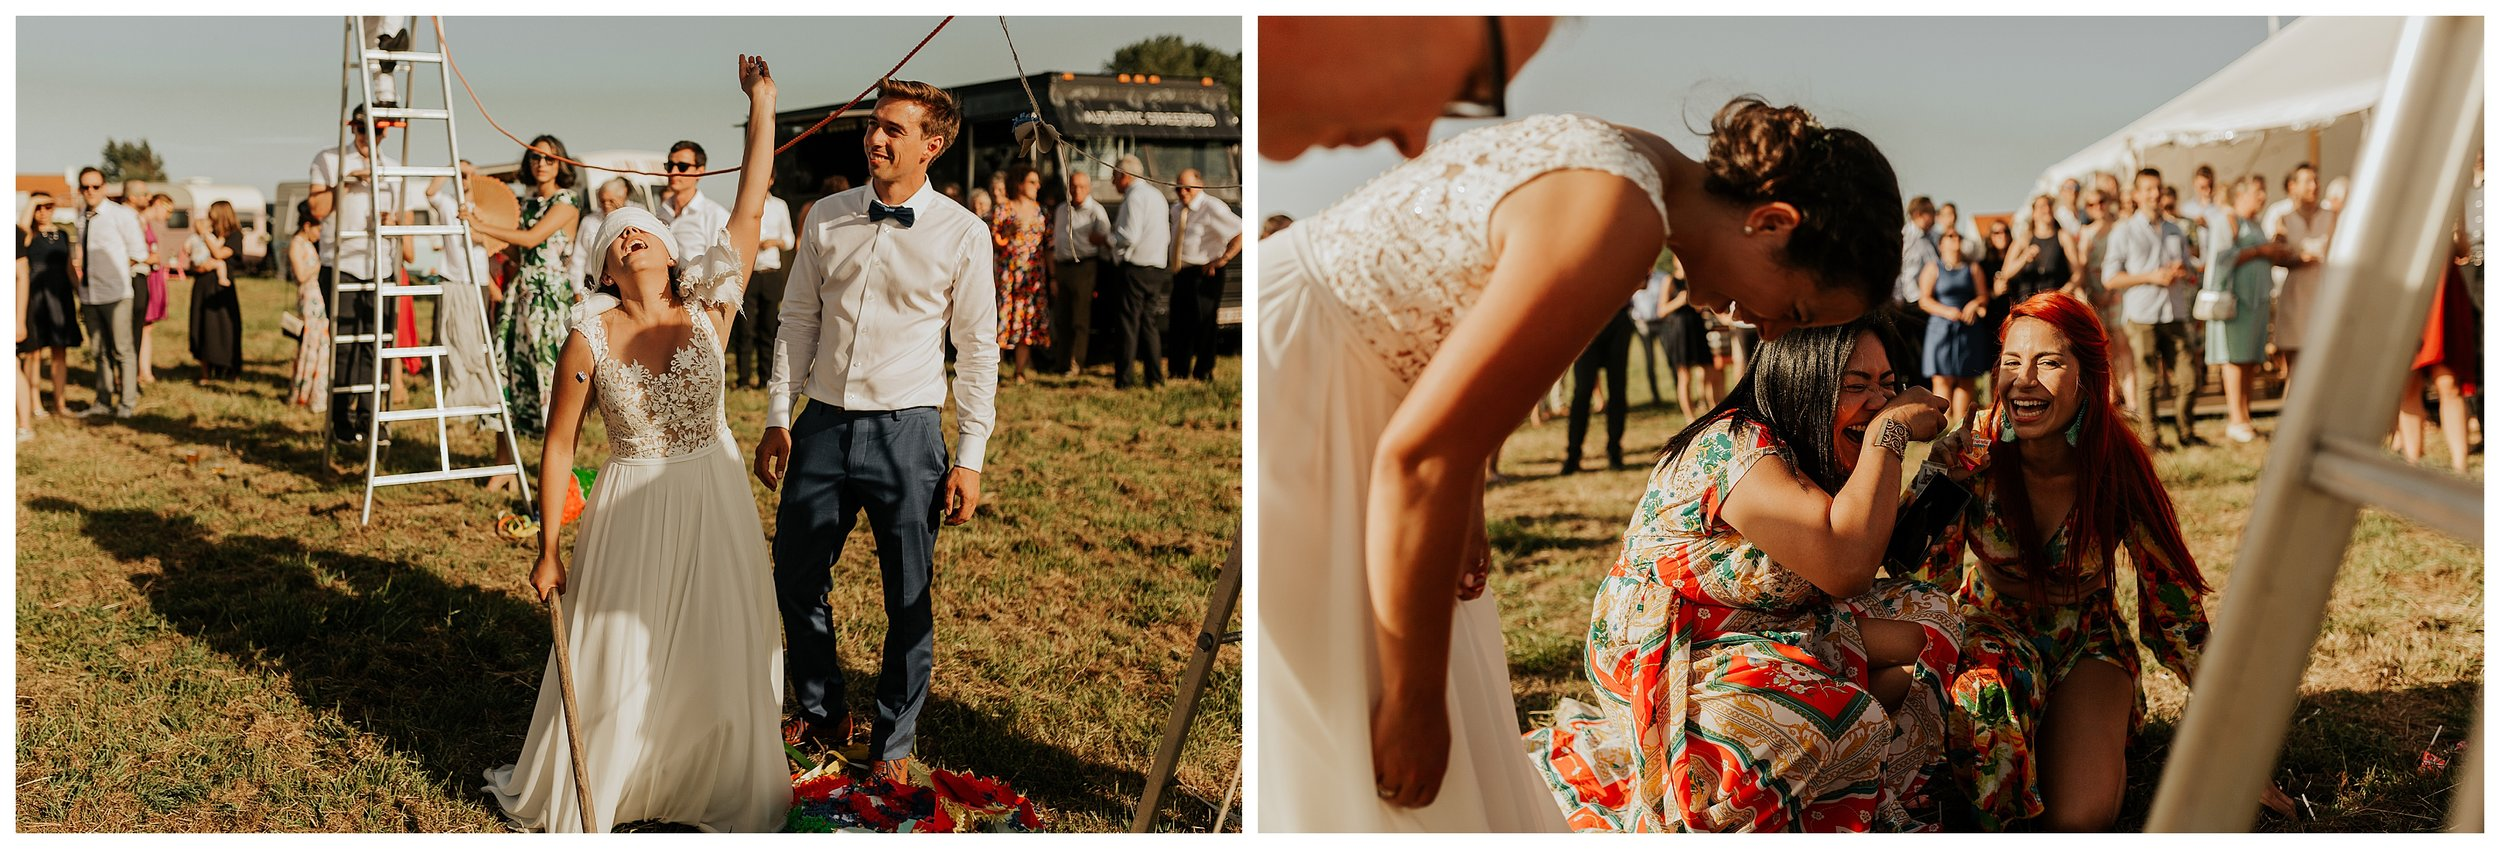 huwelijksfotograaf-huwelijksfotografie-knokke-heist-lisa-helsen-photography-trouwfotograaf-trouwfoto-sabine-pieter_0025.jpg